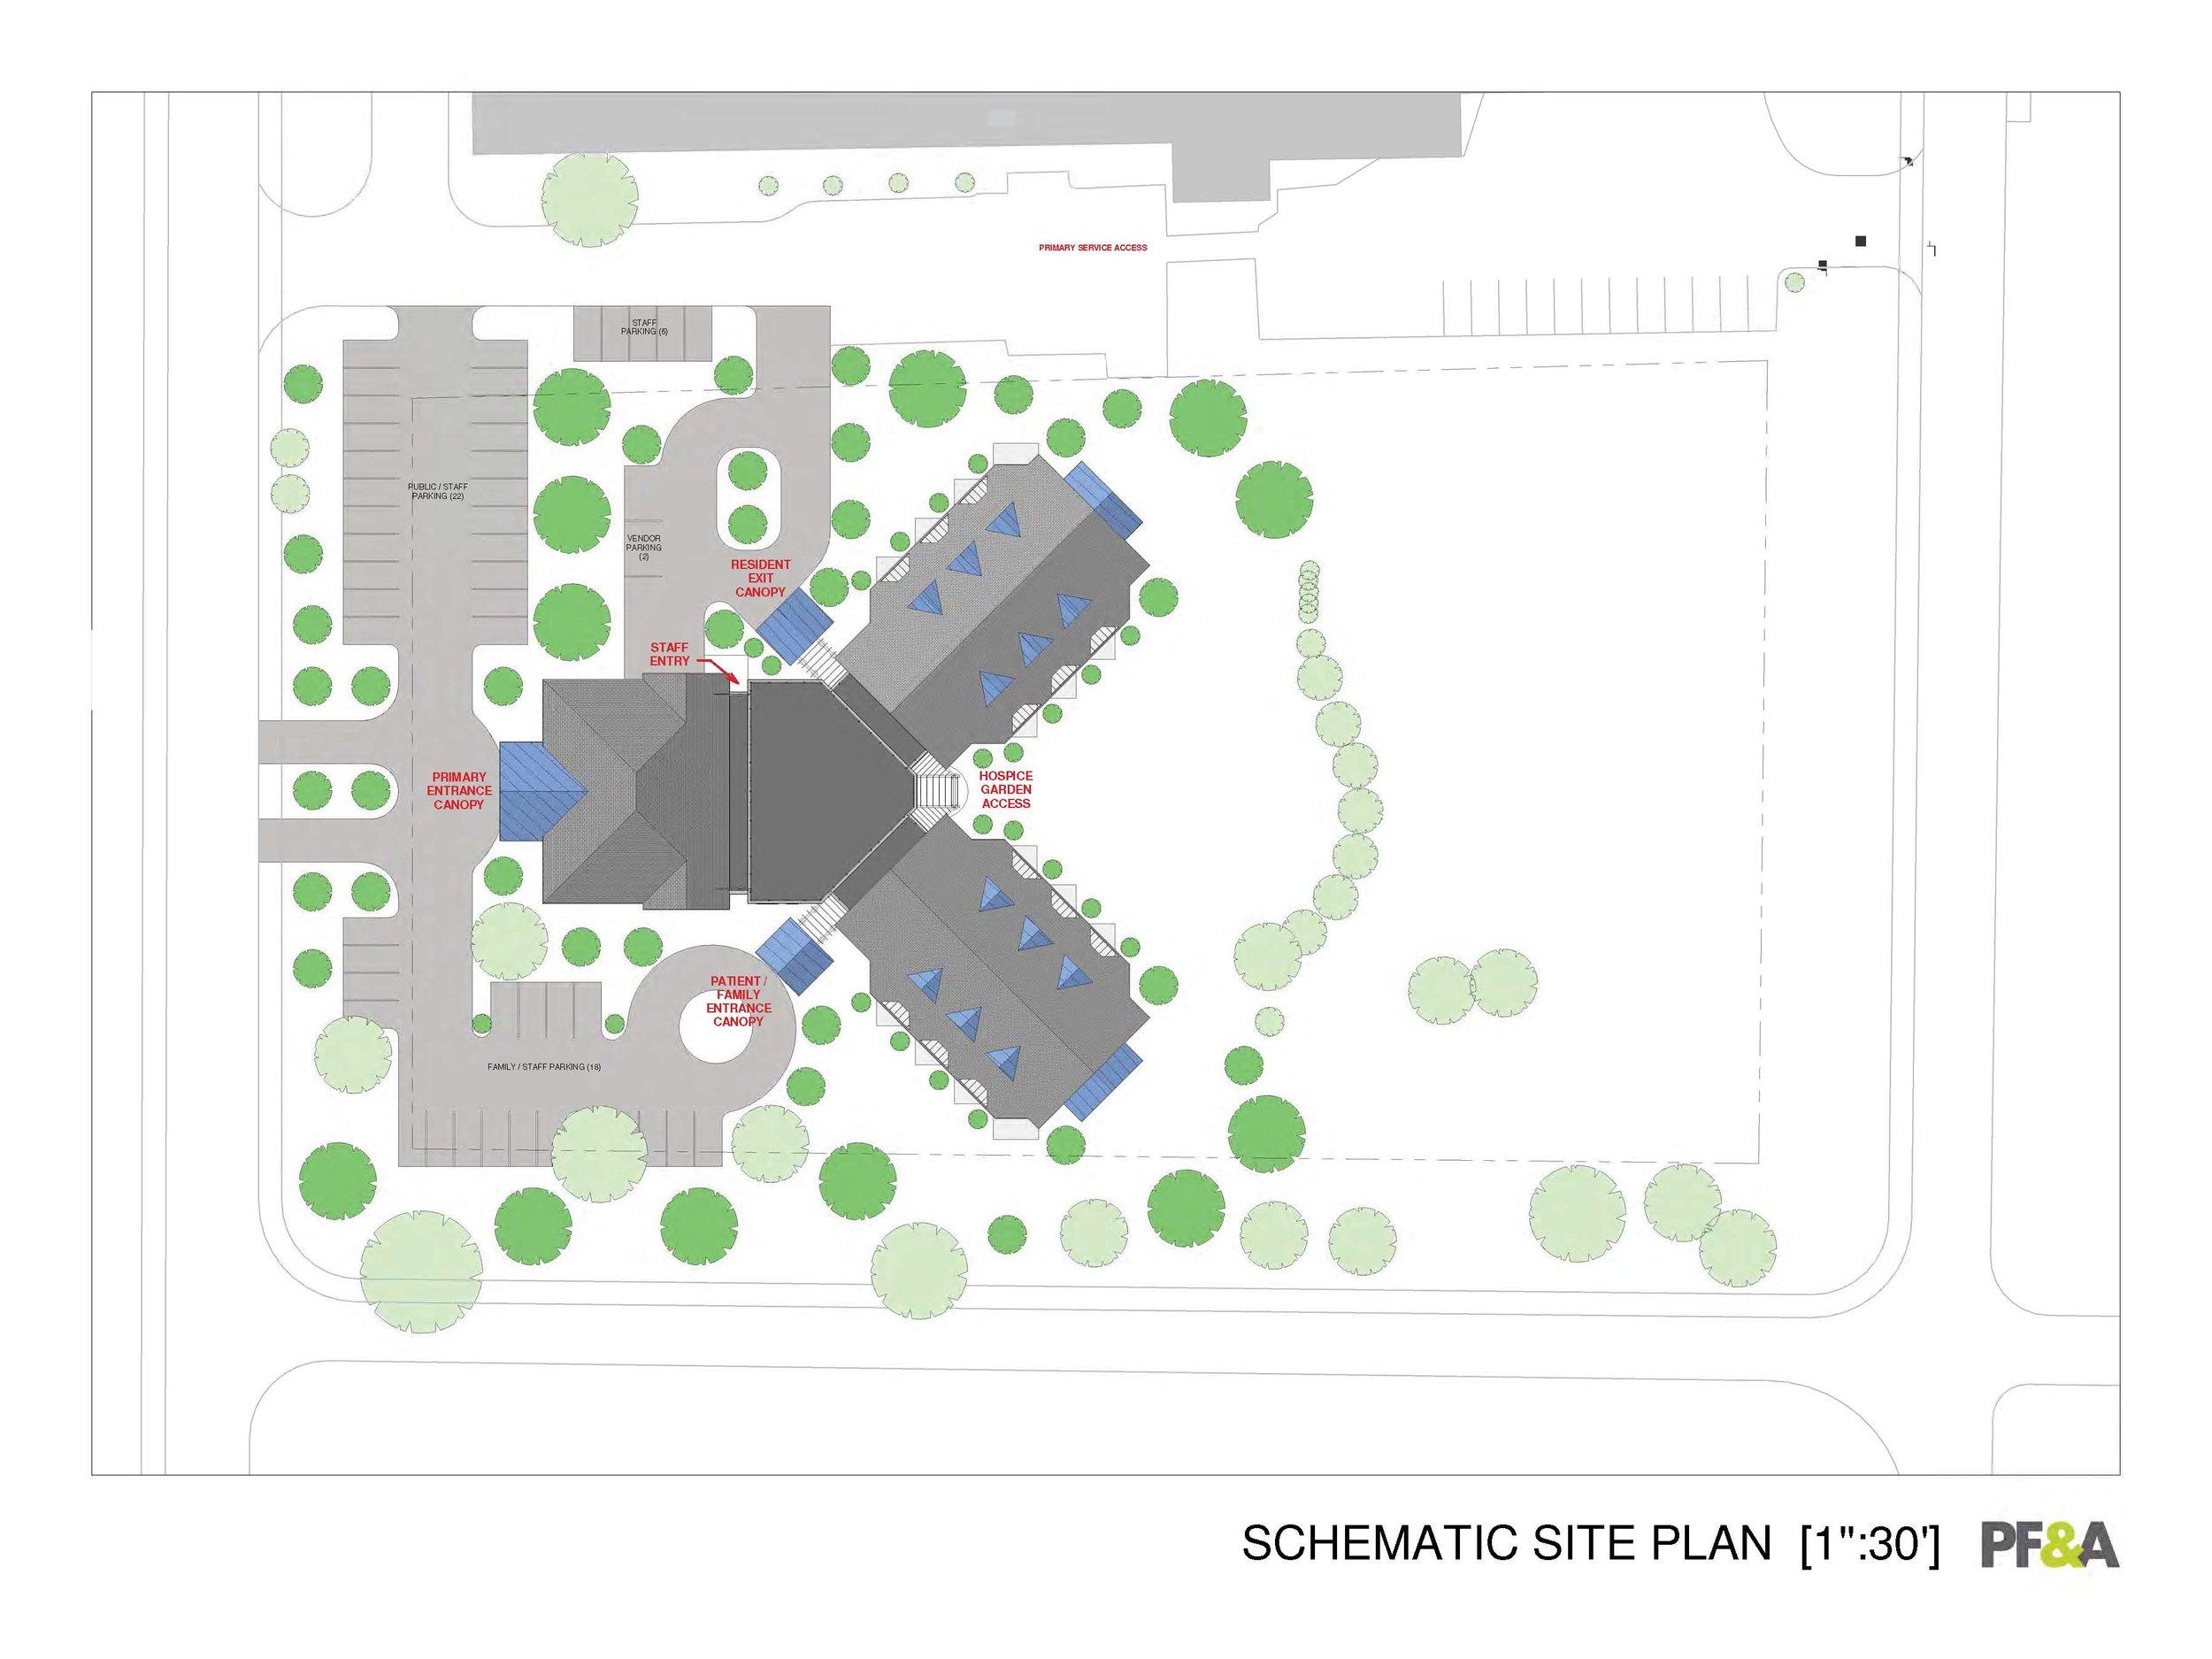 02_Schematic Site Plan.jpg